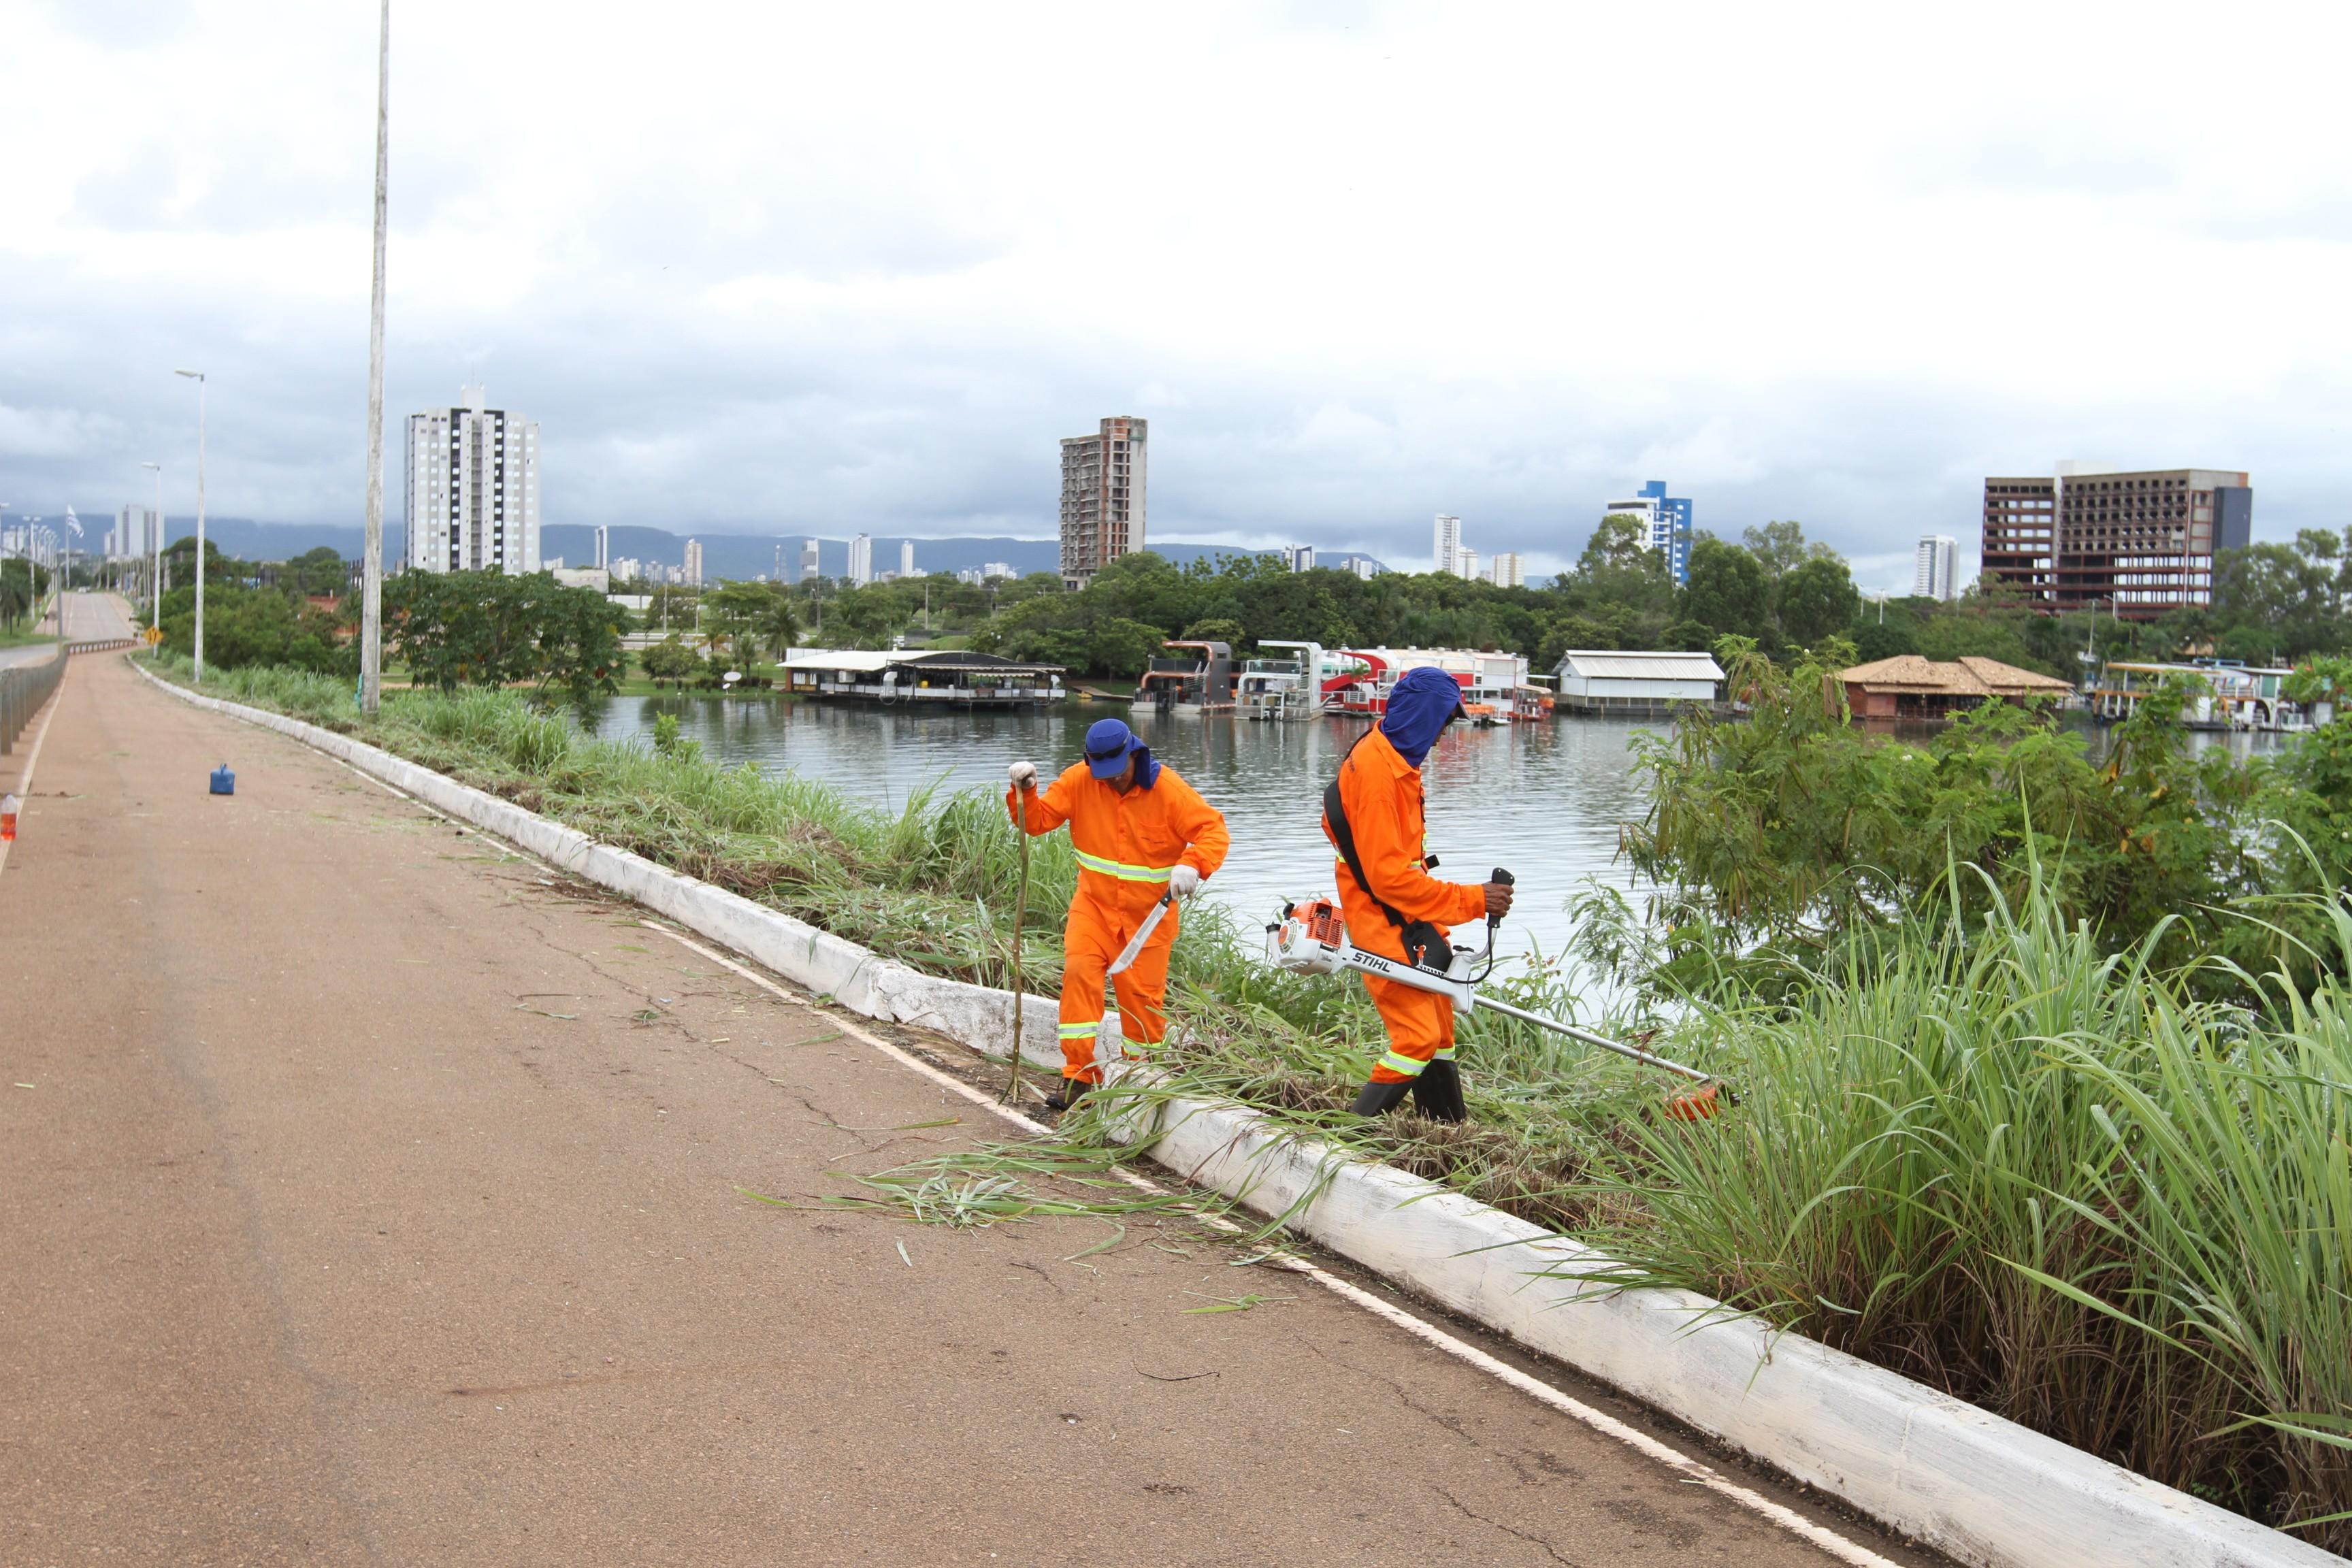 Matagal começa a ser roçado na Ponte FHC após reclamações de moradores